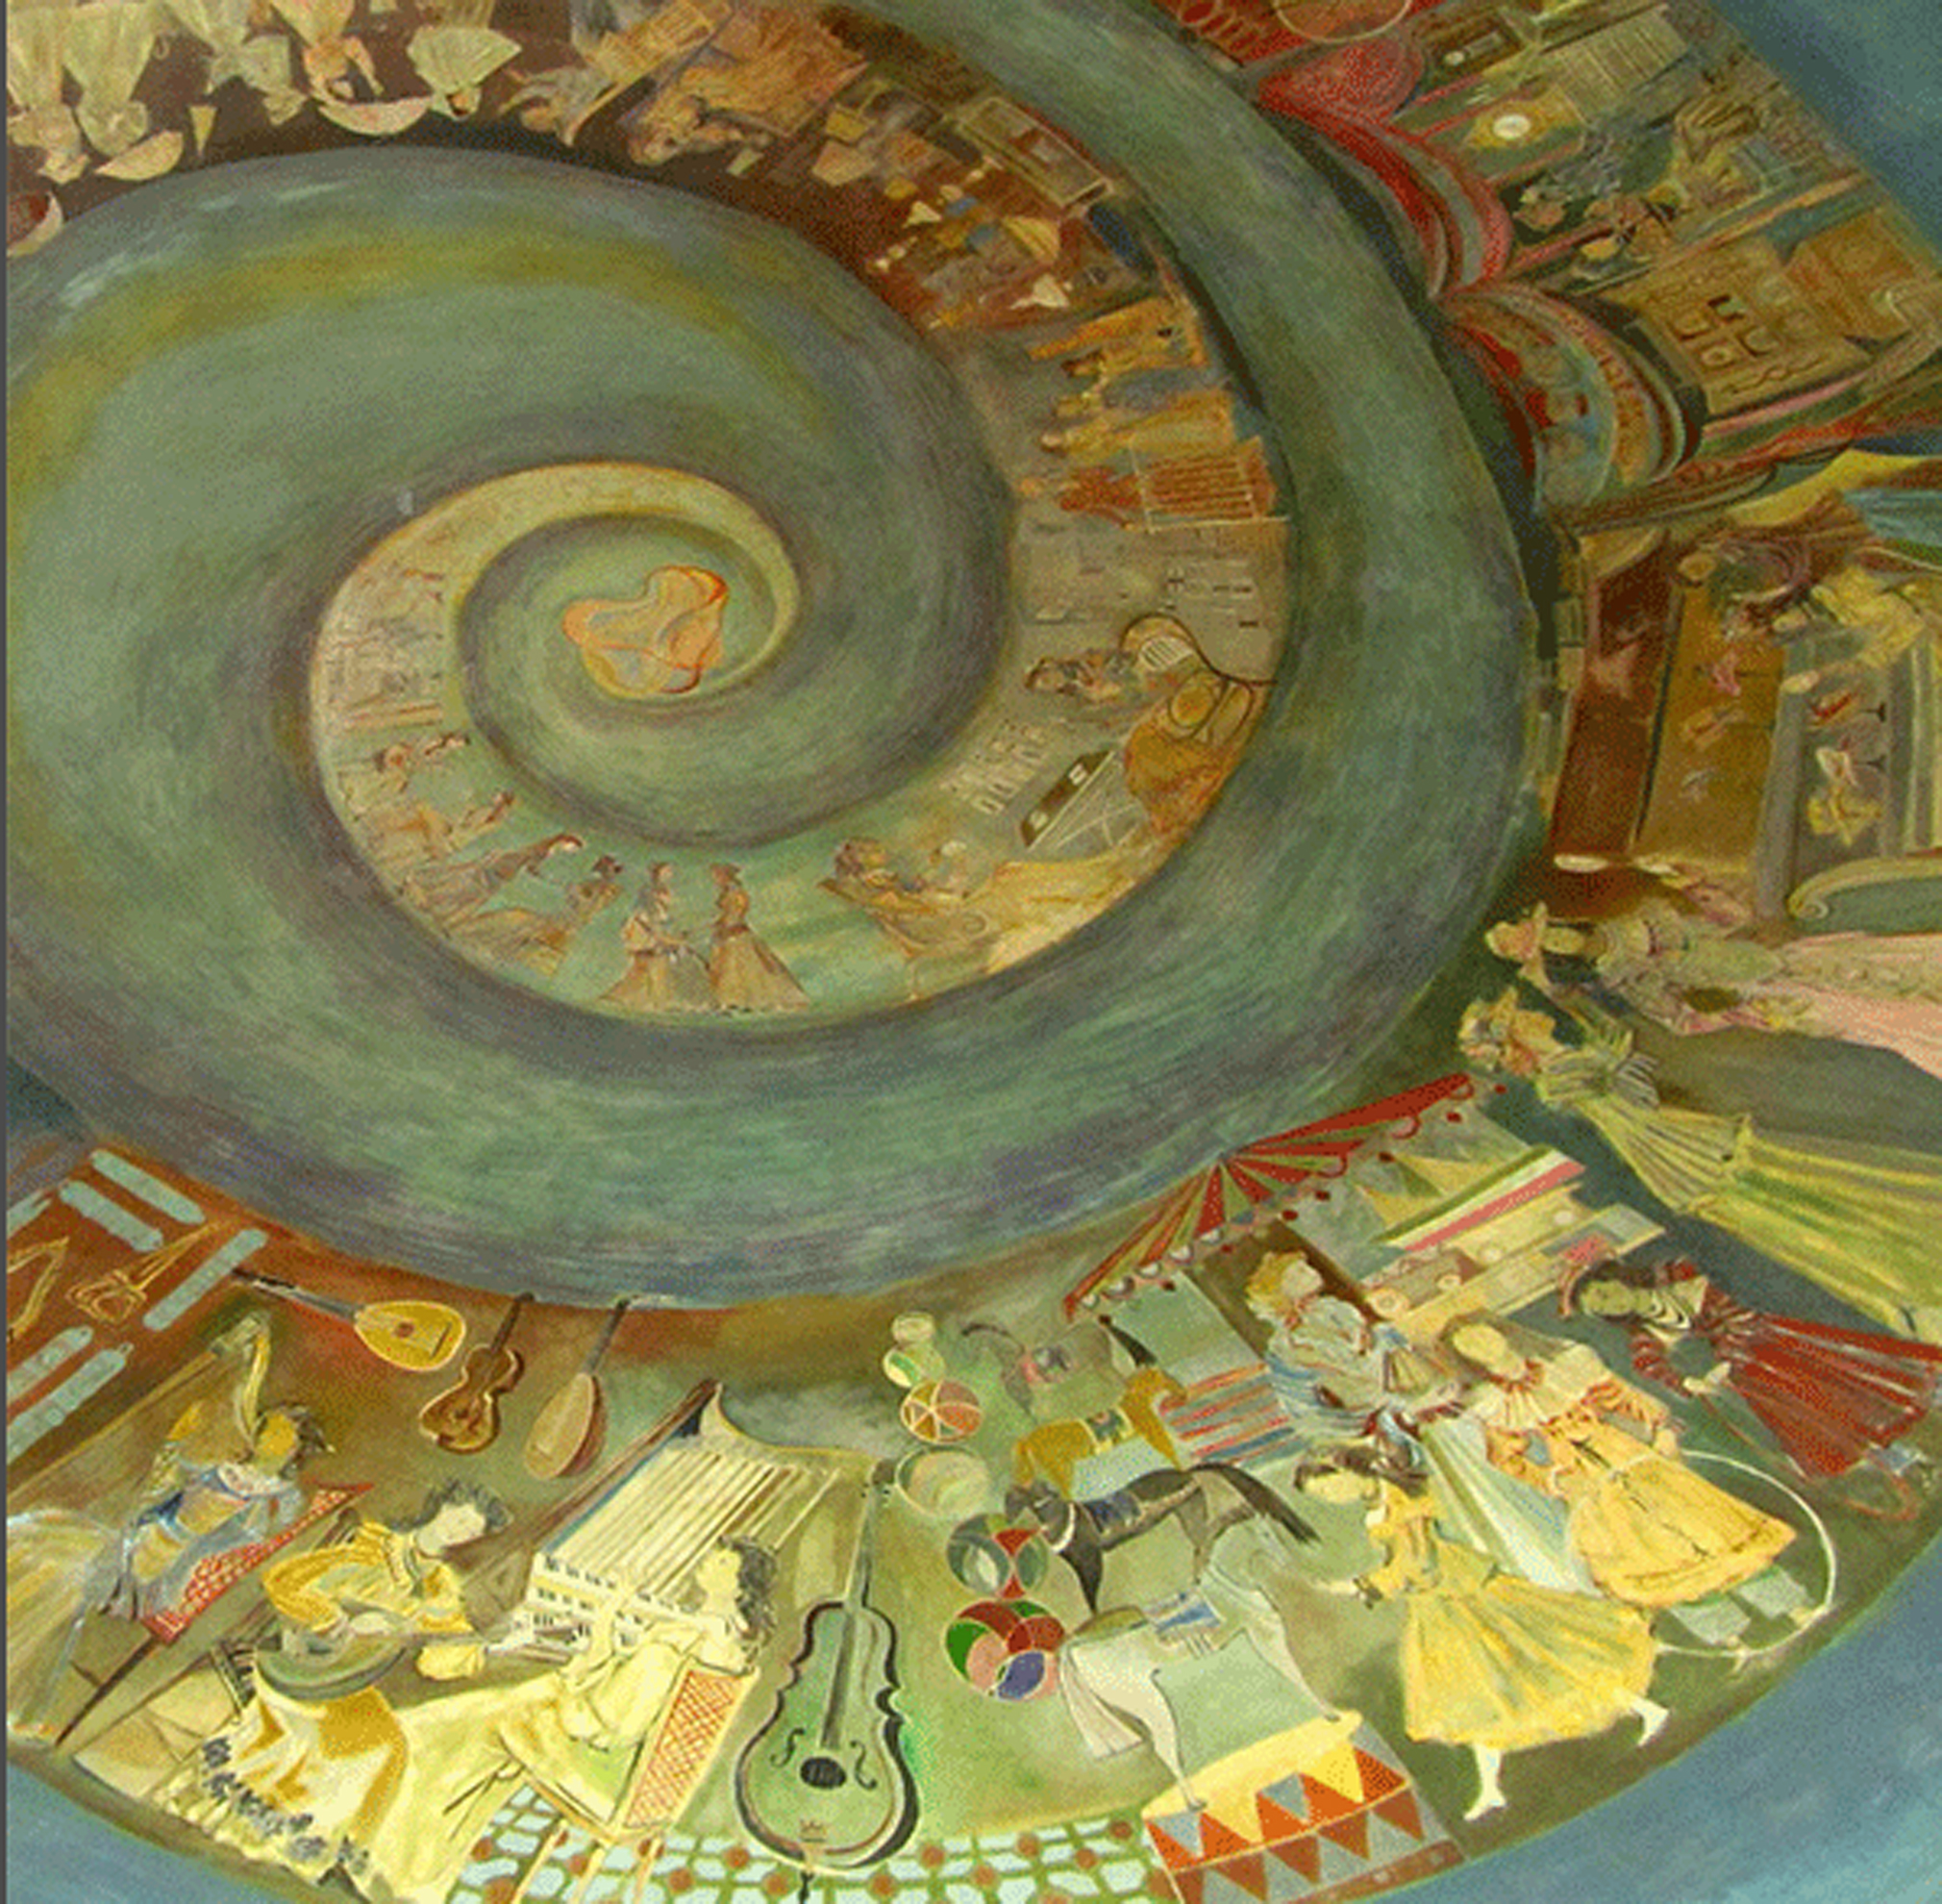 La cúpula de la Galería Santa Fe, decorada por Soldi en 1963